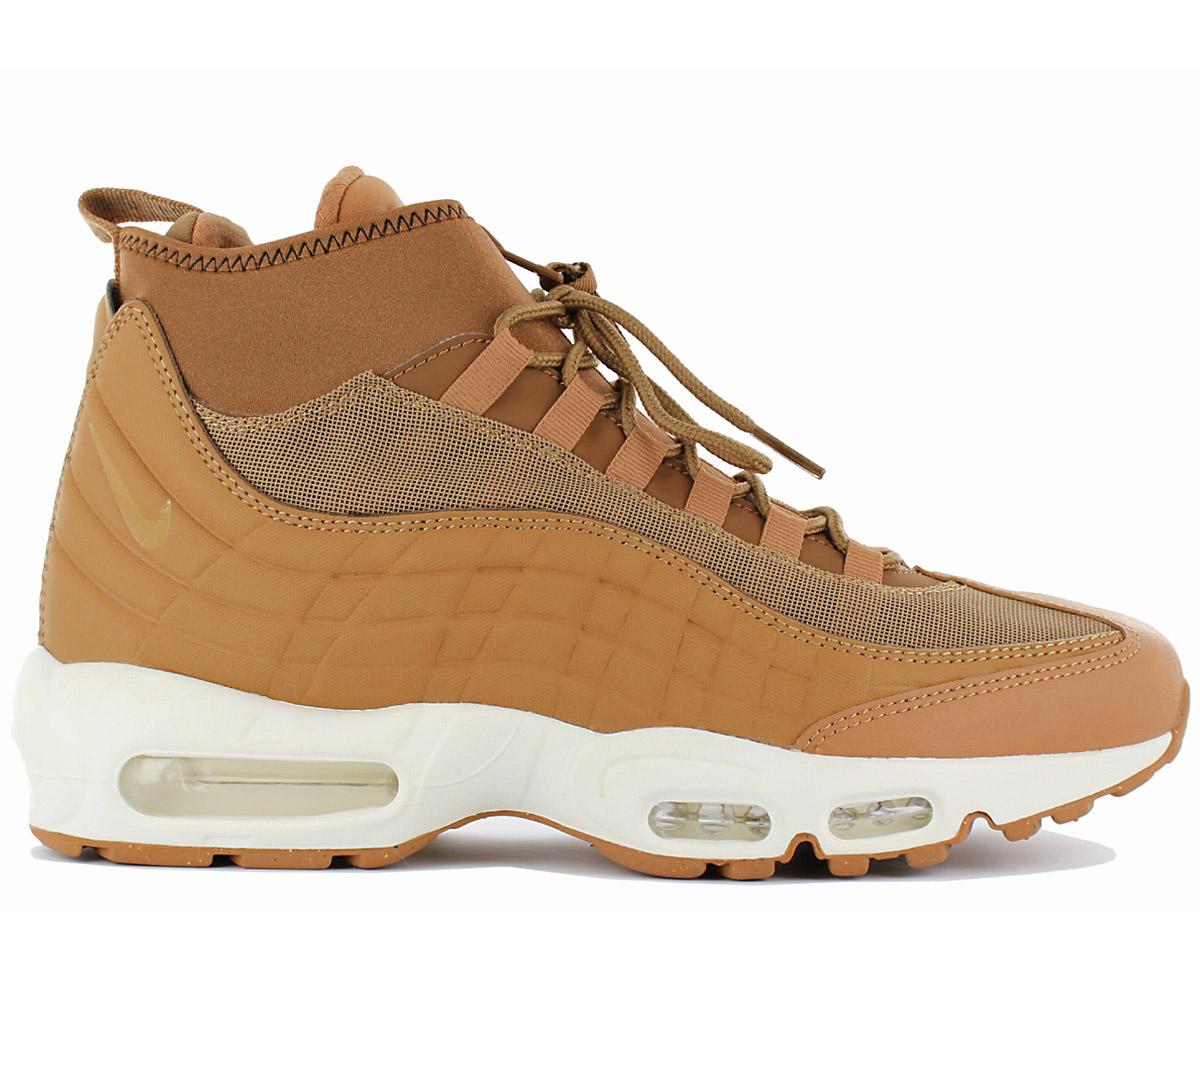 Nike Air Max 95 Sneakerboot 806809 201